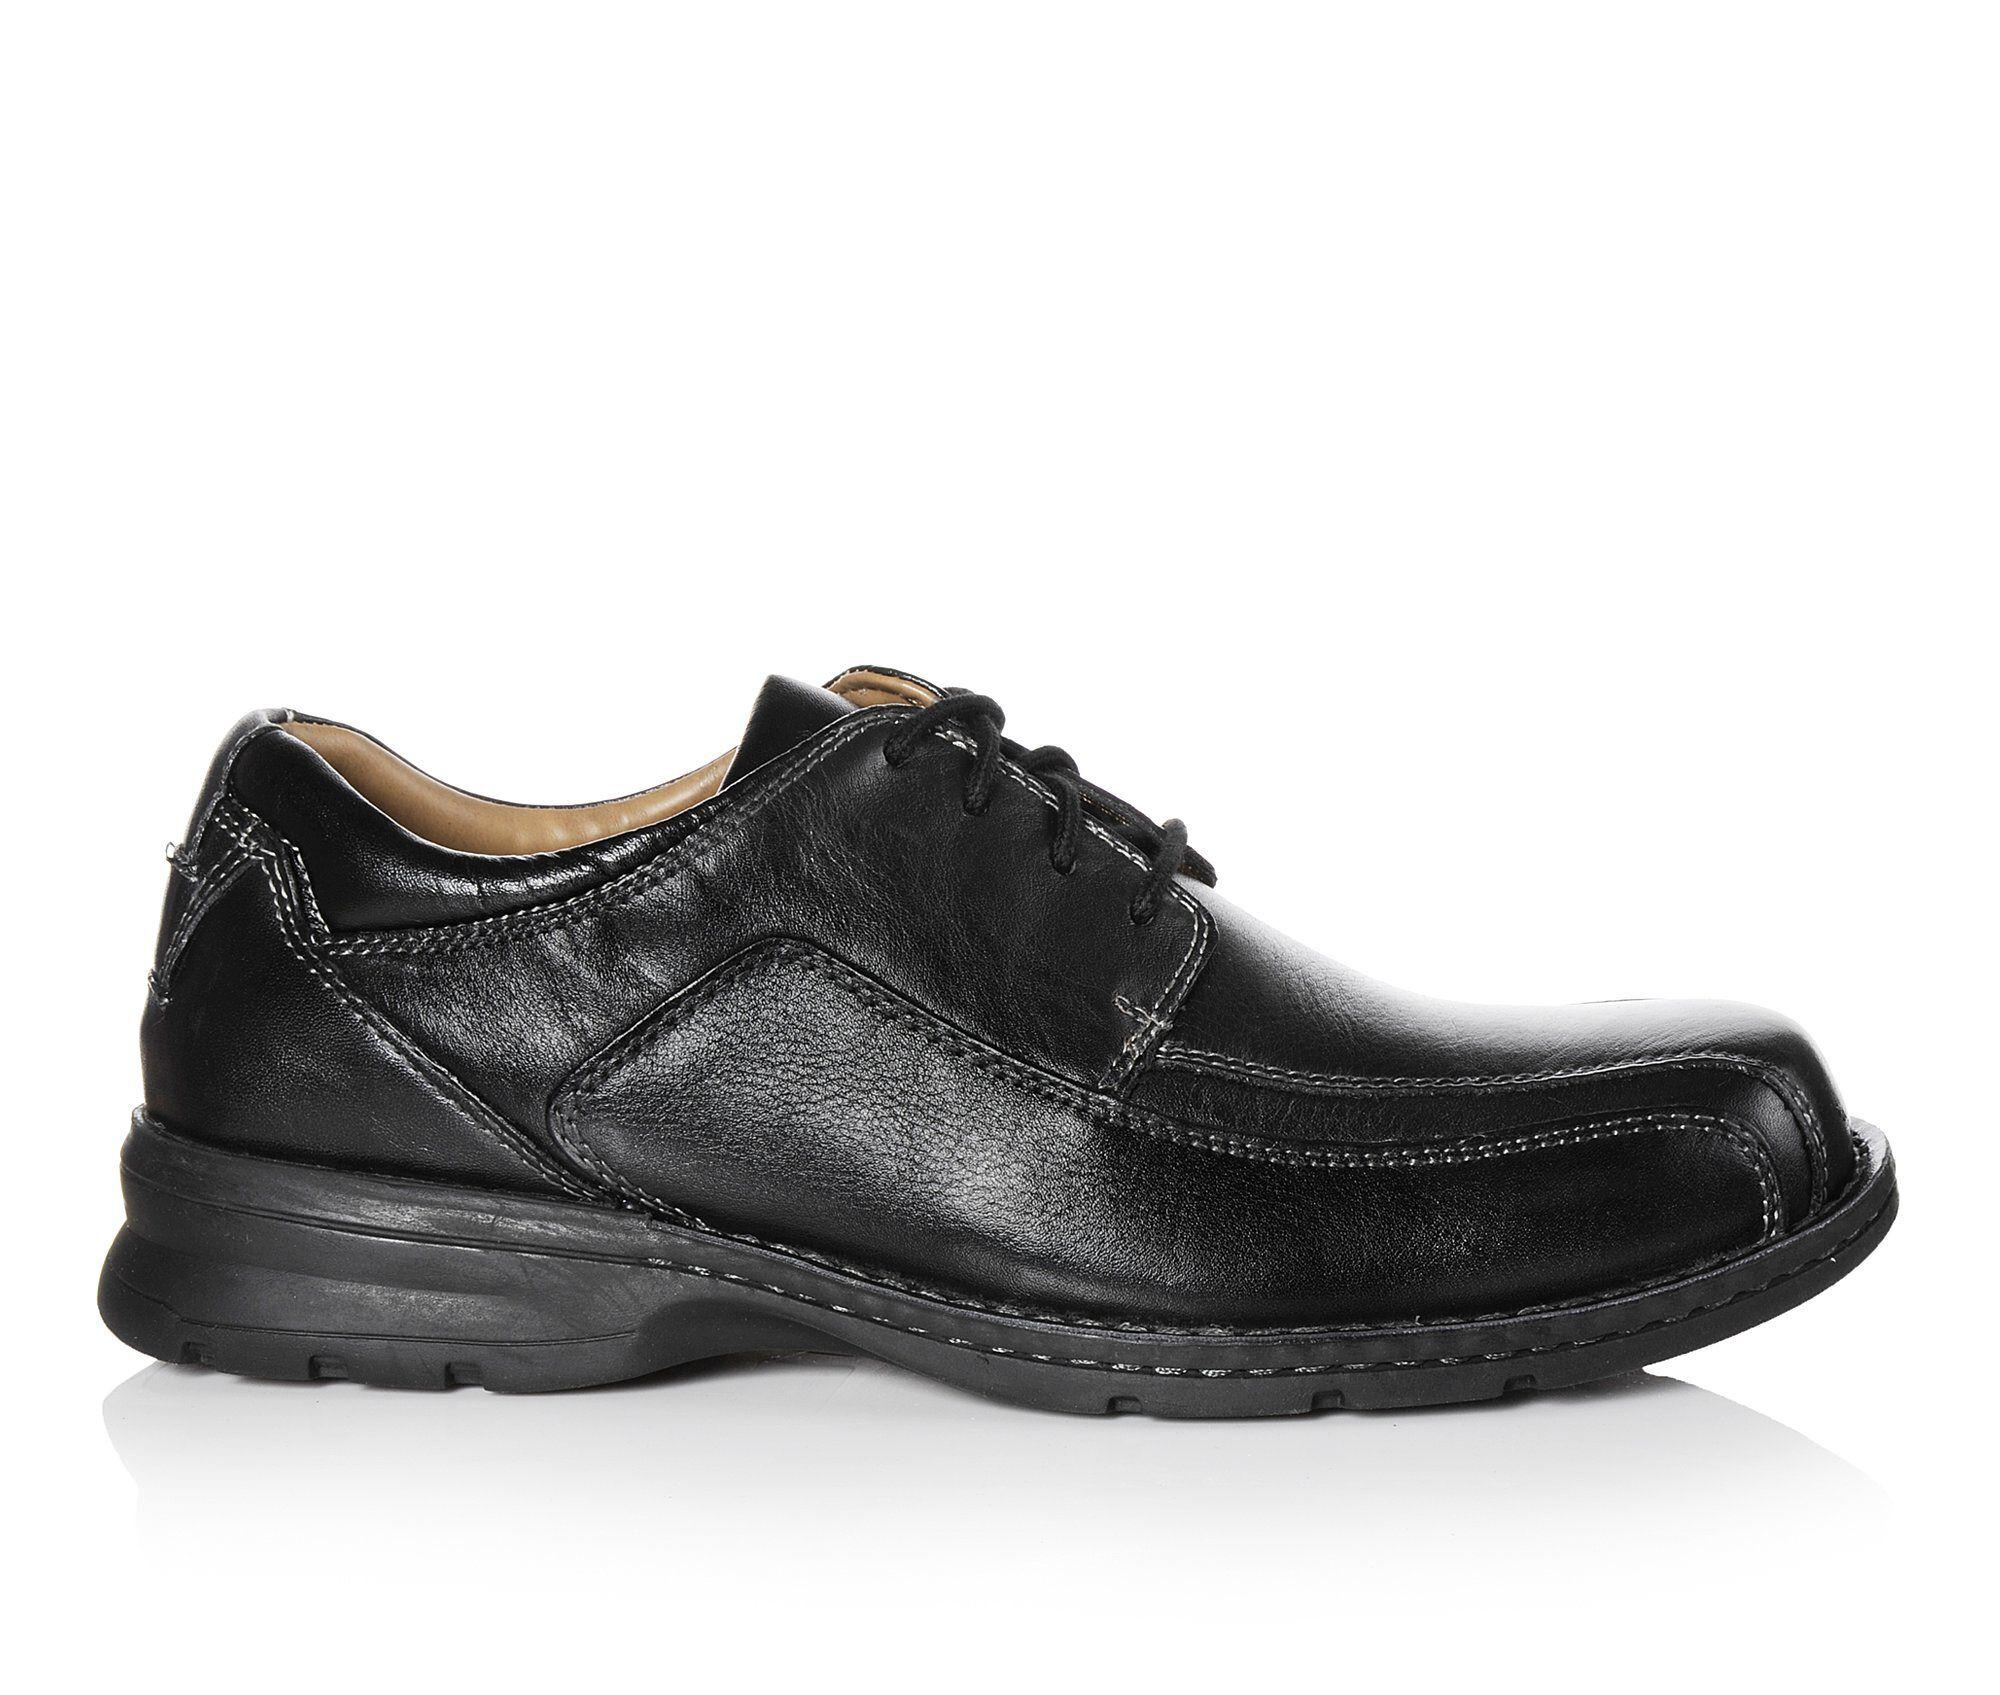 Buying New Men's Dockers Trustee Dress Shoes Black